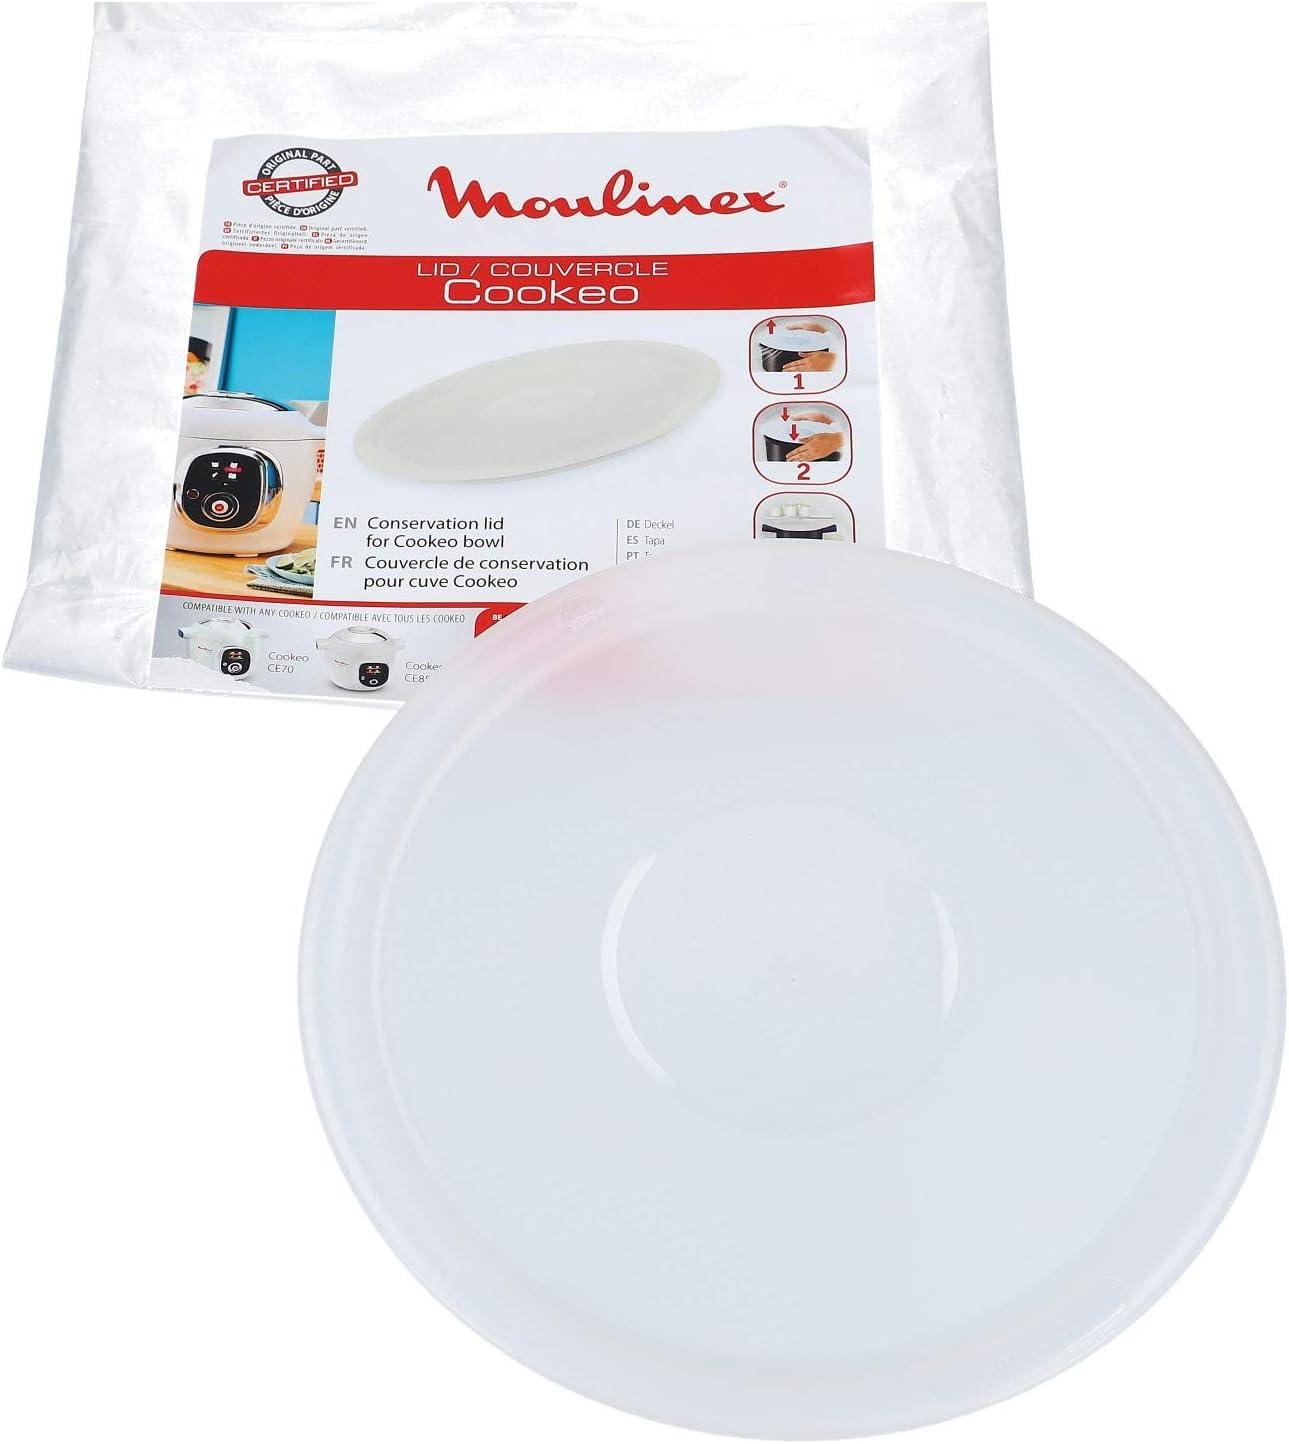 Tapa de conservación olla Cookeo Moulinex (xa608000): Amazon.es: Hogar